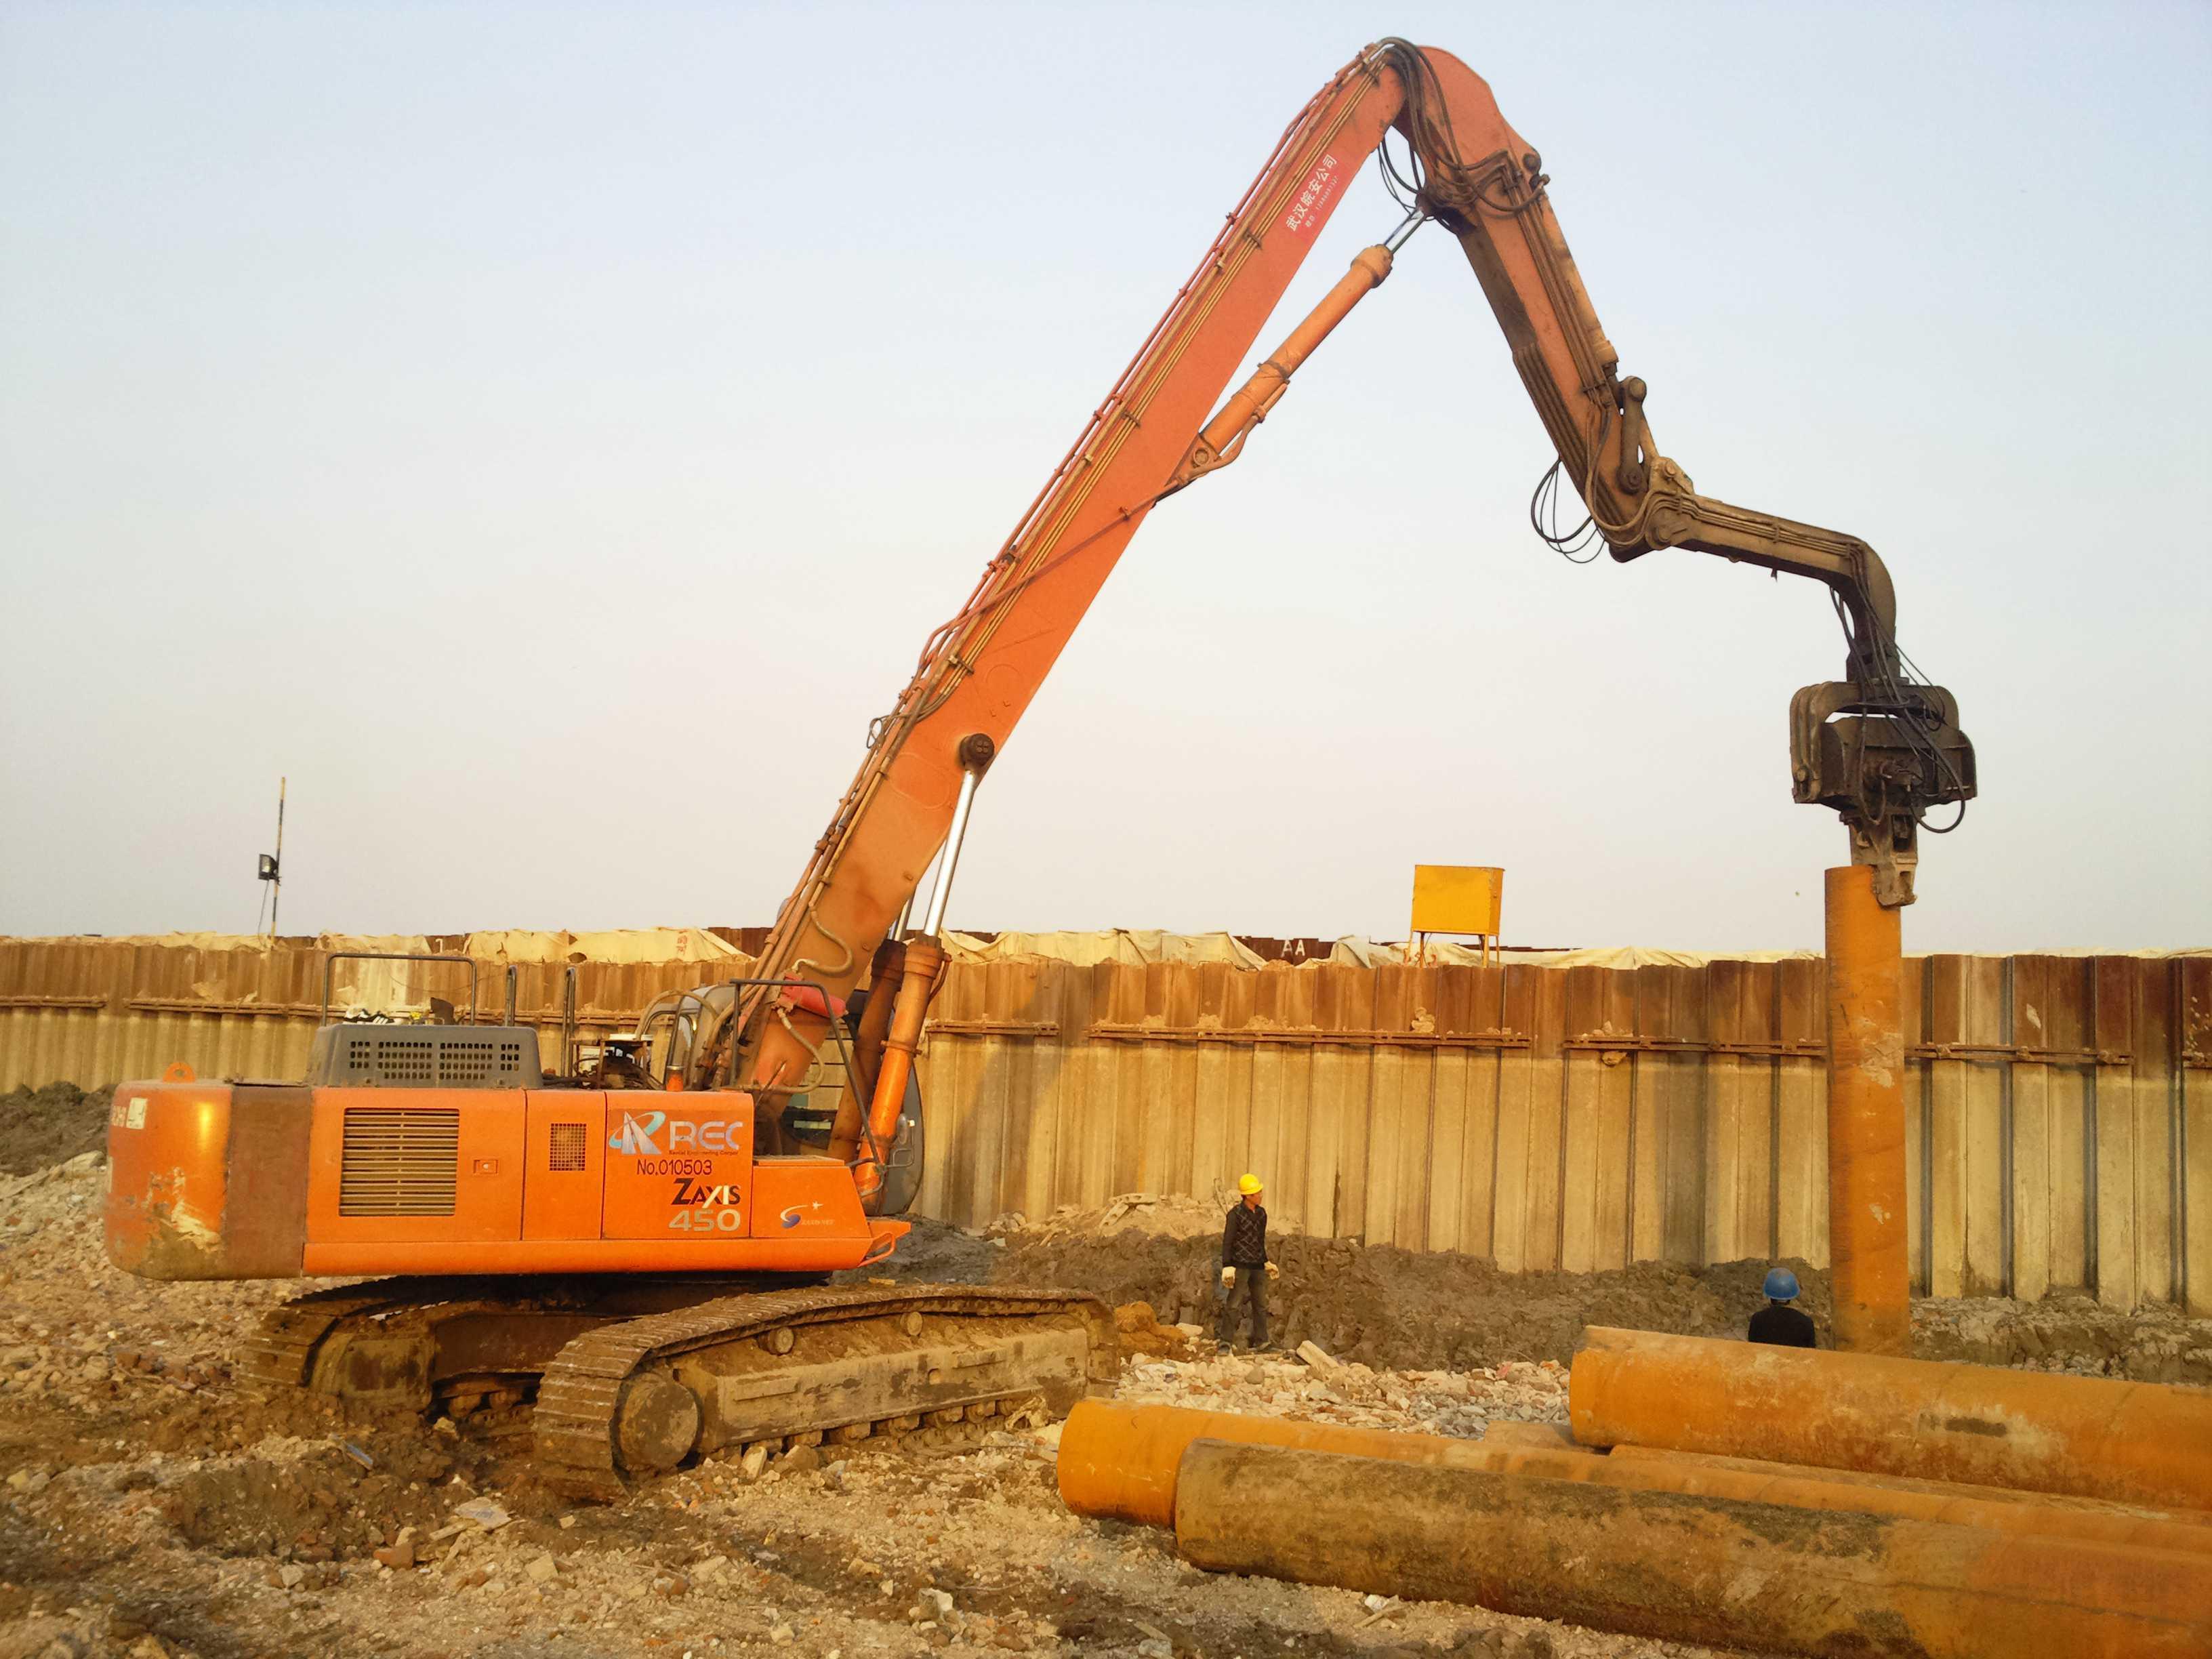 武汉拉森桩出租|拉森桩租赁|拉森钢板桩施工|钢板桩